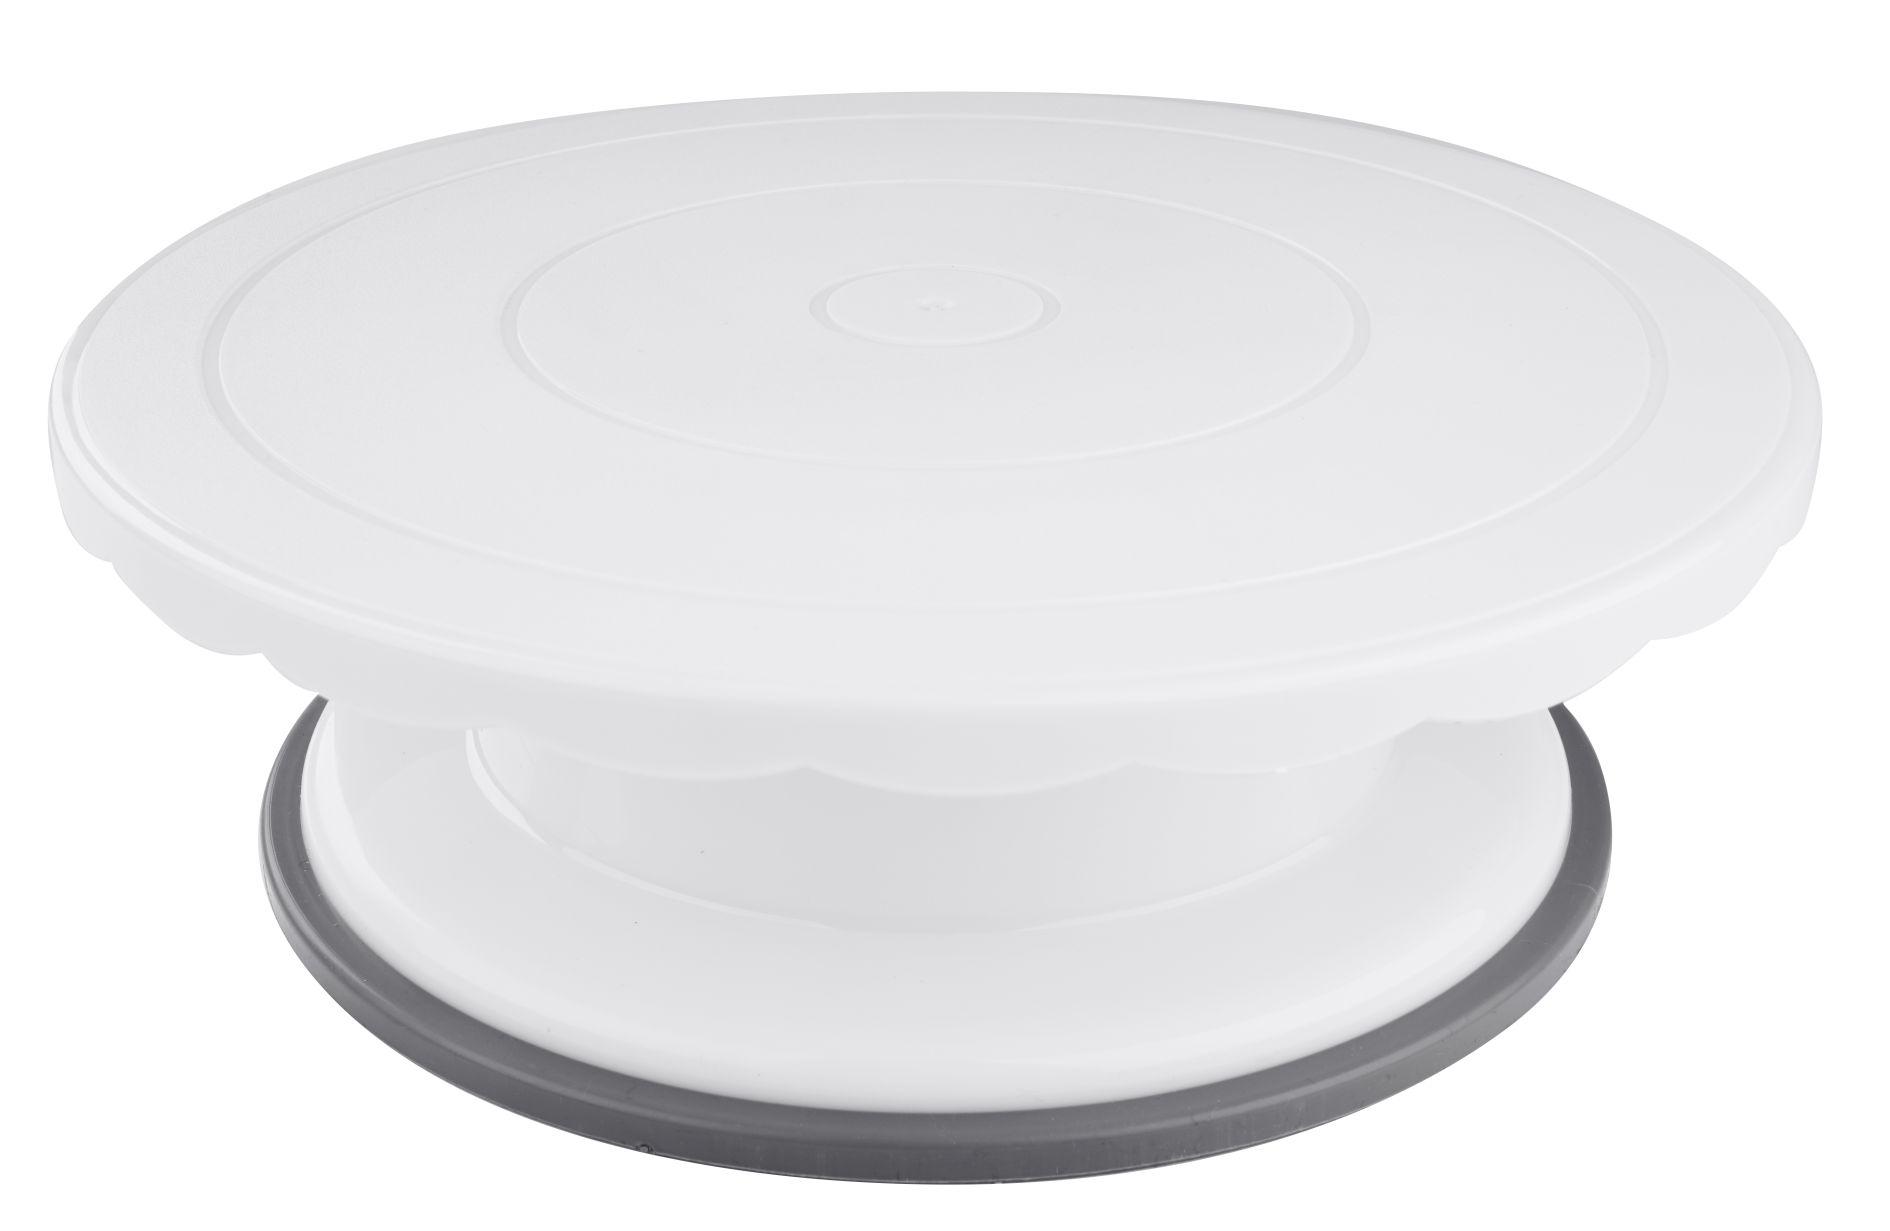 Details zu Dr. Oetker - Drehbare Torten- Kuchen- Platte Ø 17,17cm Weiß 17  Drehteller Deko